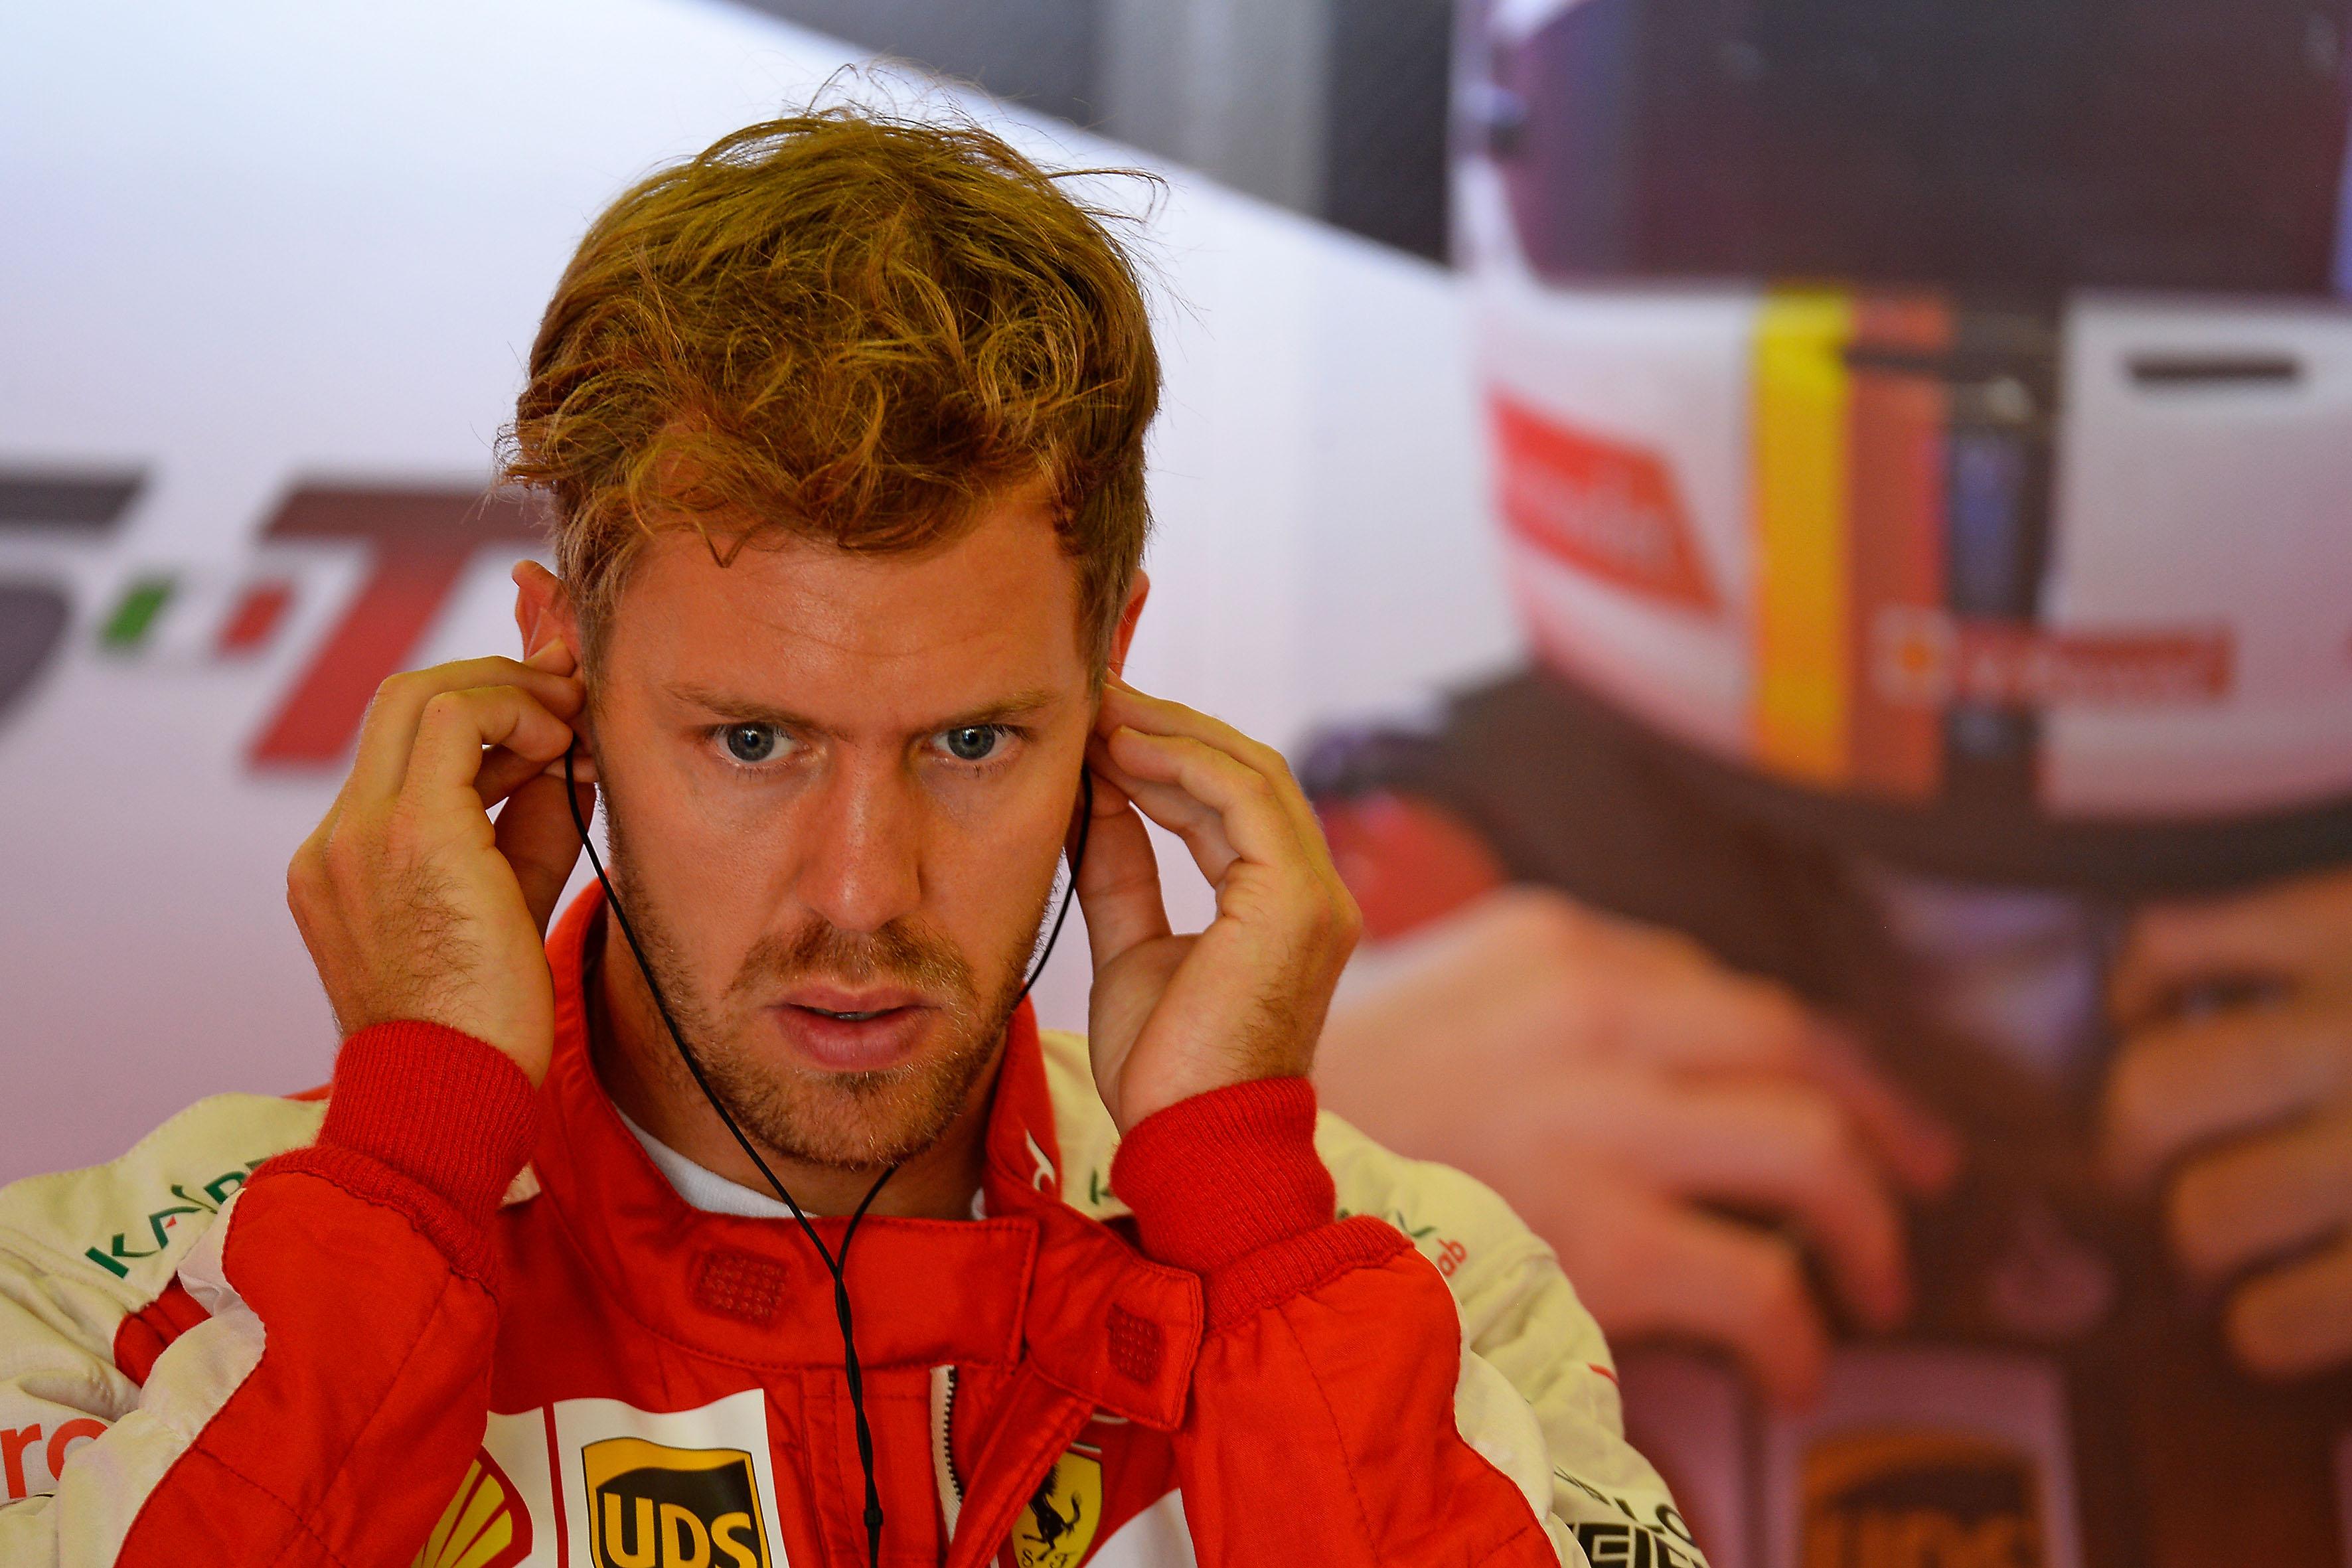 Ungheria: un giro di pista con Vettel